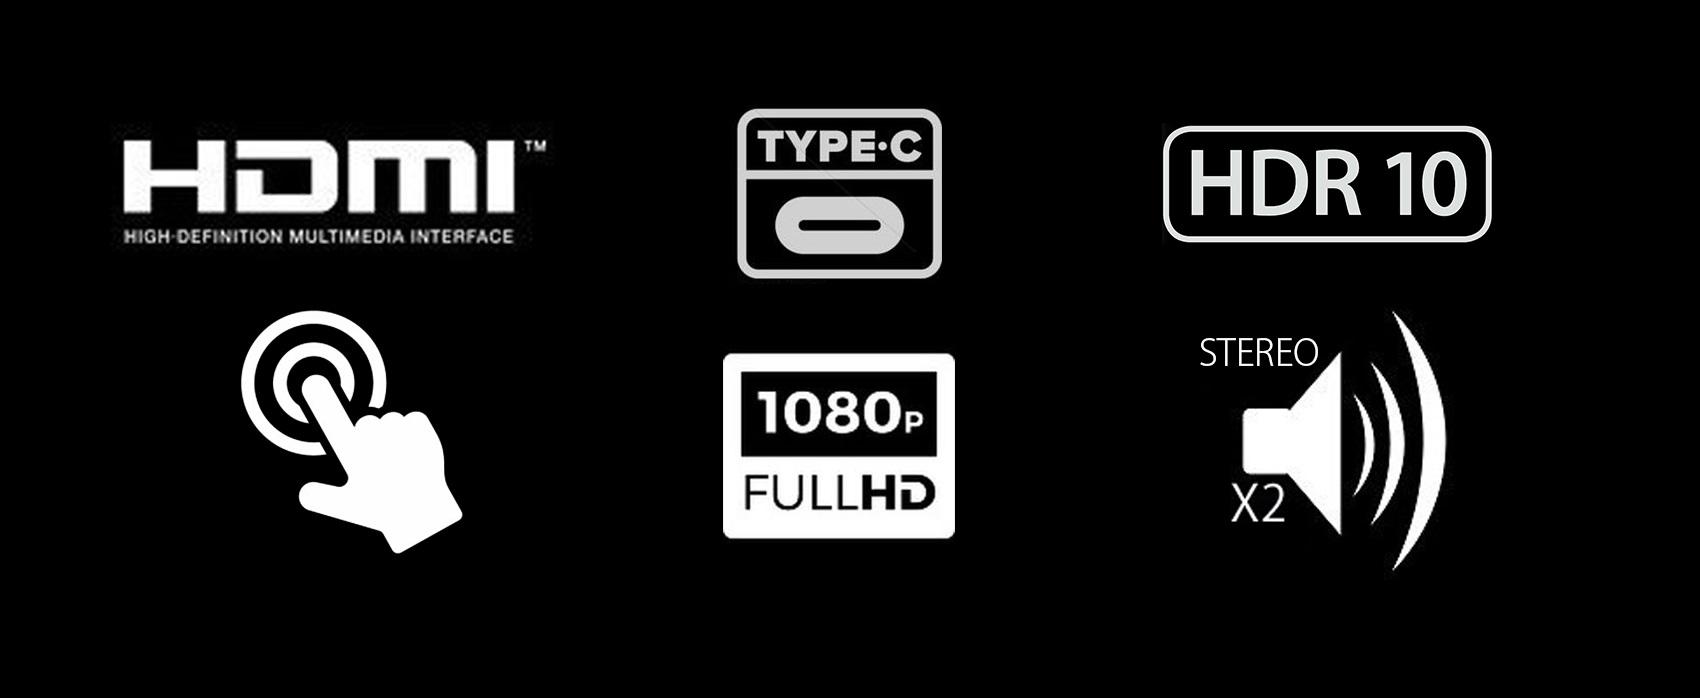 タッチパネル採用15.6インチ モバイルモニターJN-MD-IPS1560TFHDRついに誕生! 1920x1080 IPSパネルで色鮮やか。HDR対応 type-C HDMI 極薄 超軽量